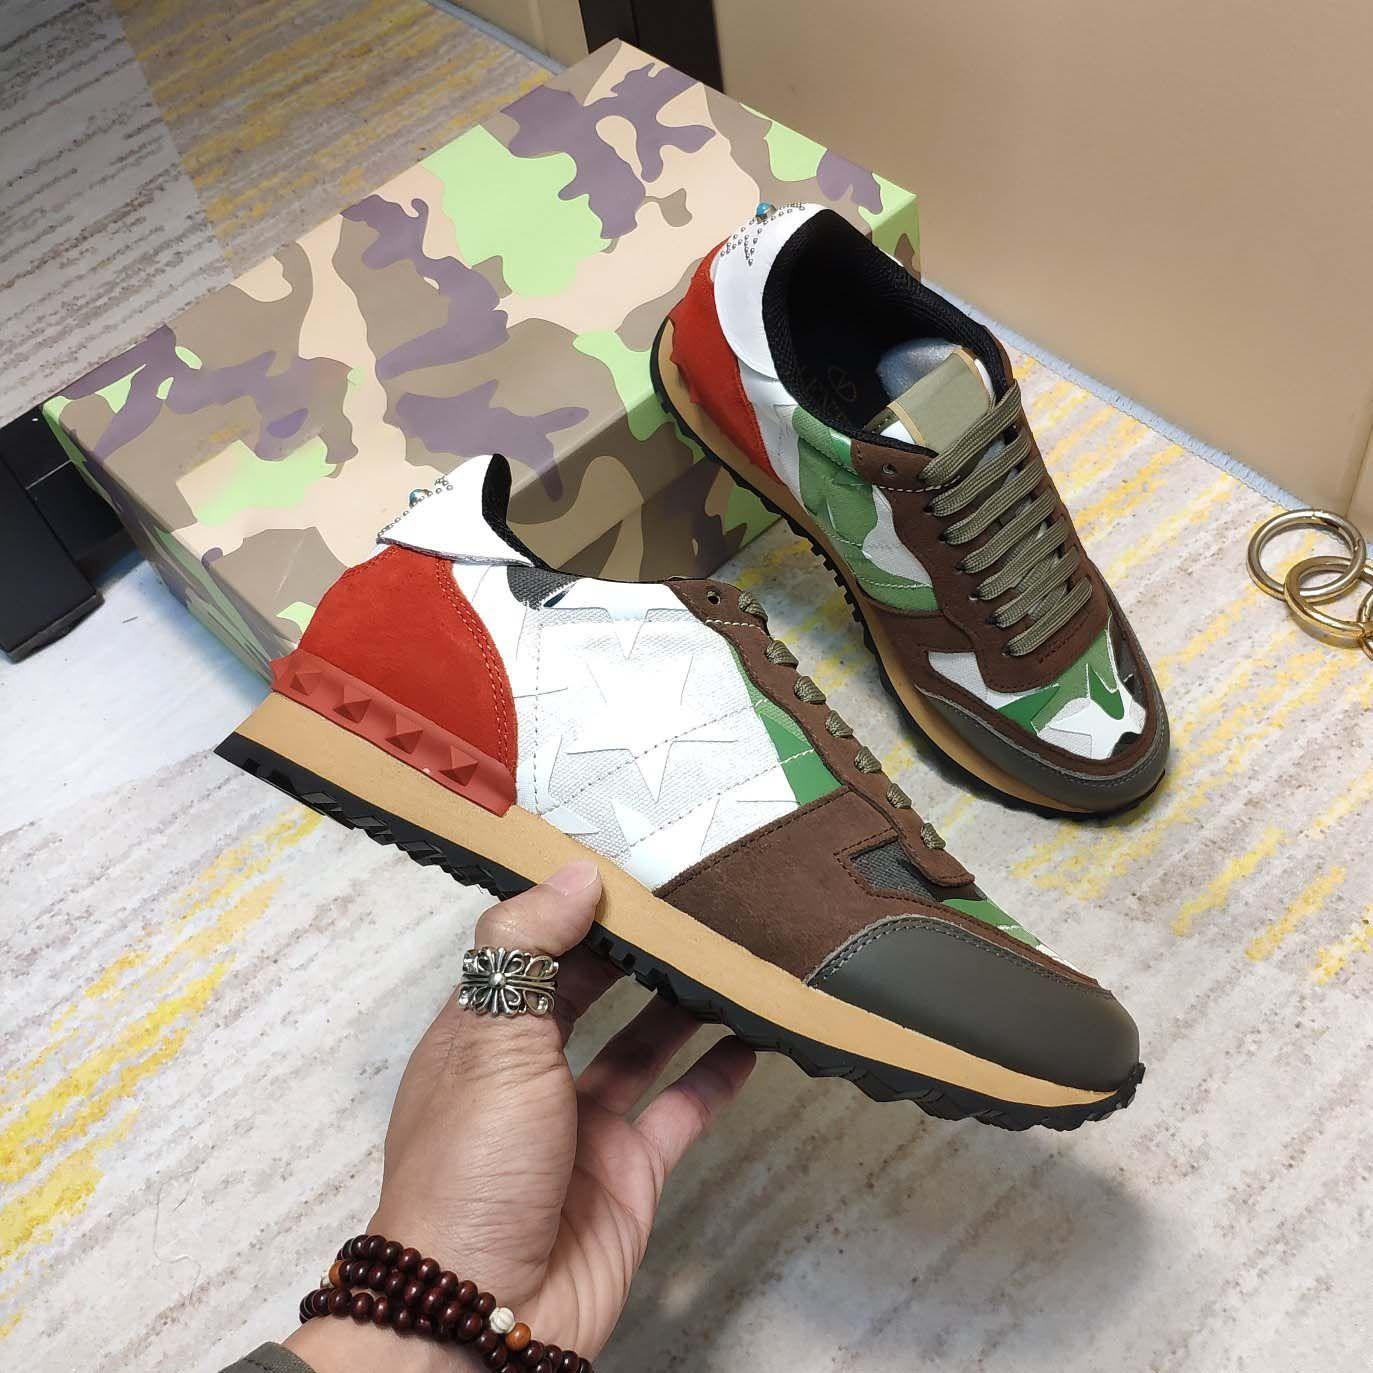 Hombres Camuflaje Sneaker Zapatillas Casual Zapatos Classic Show Style Remache Studded Studded Malla plana Suede Cuero grande 35-46